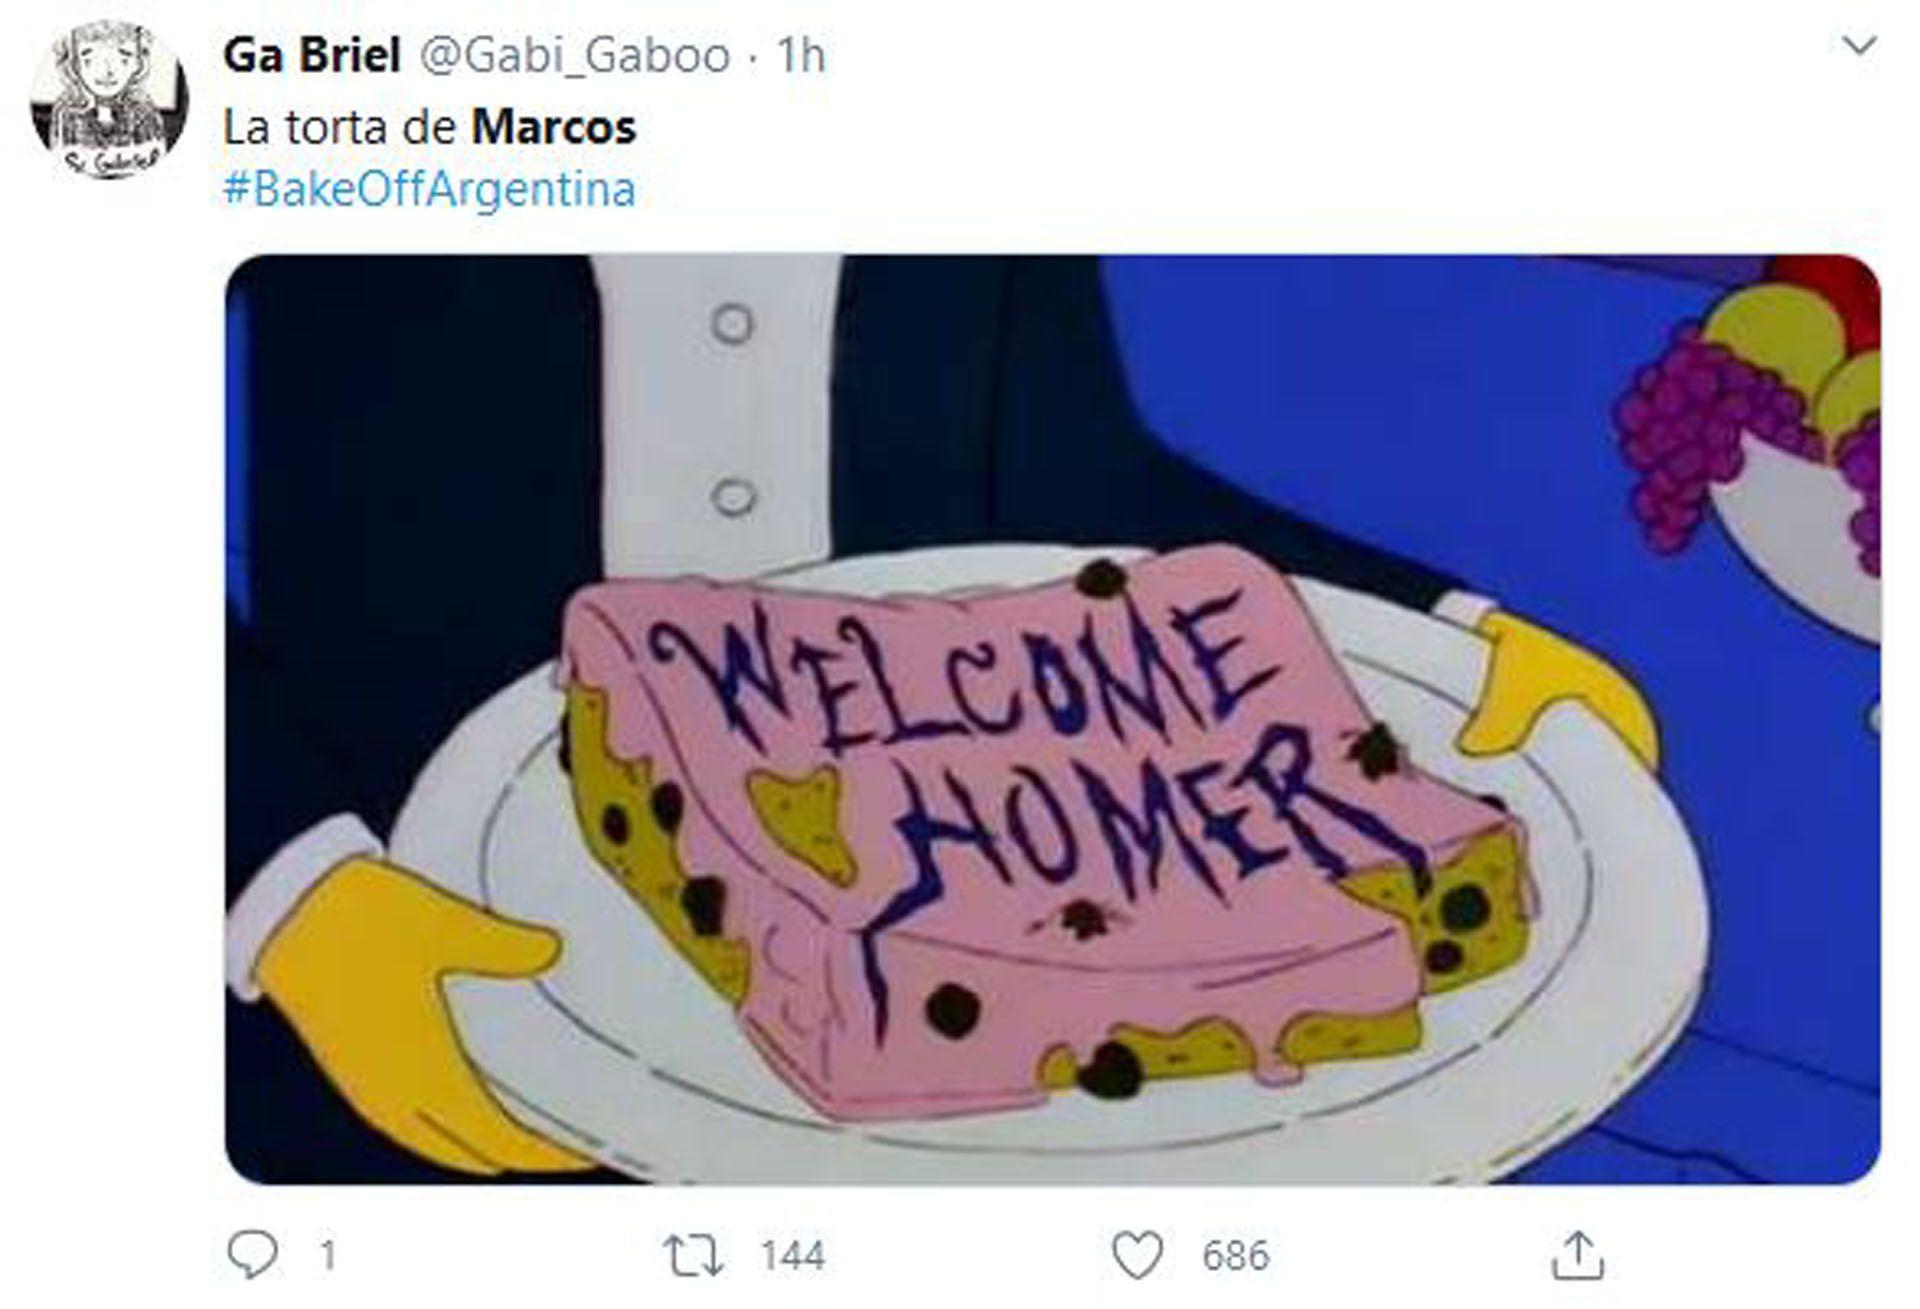 Las memes circularon por las redes (Foto: Twitter)